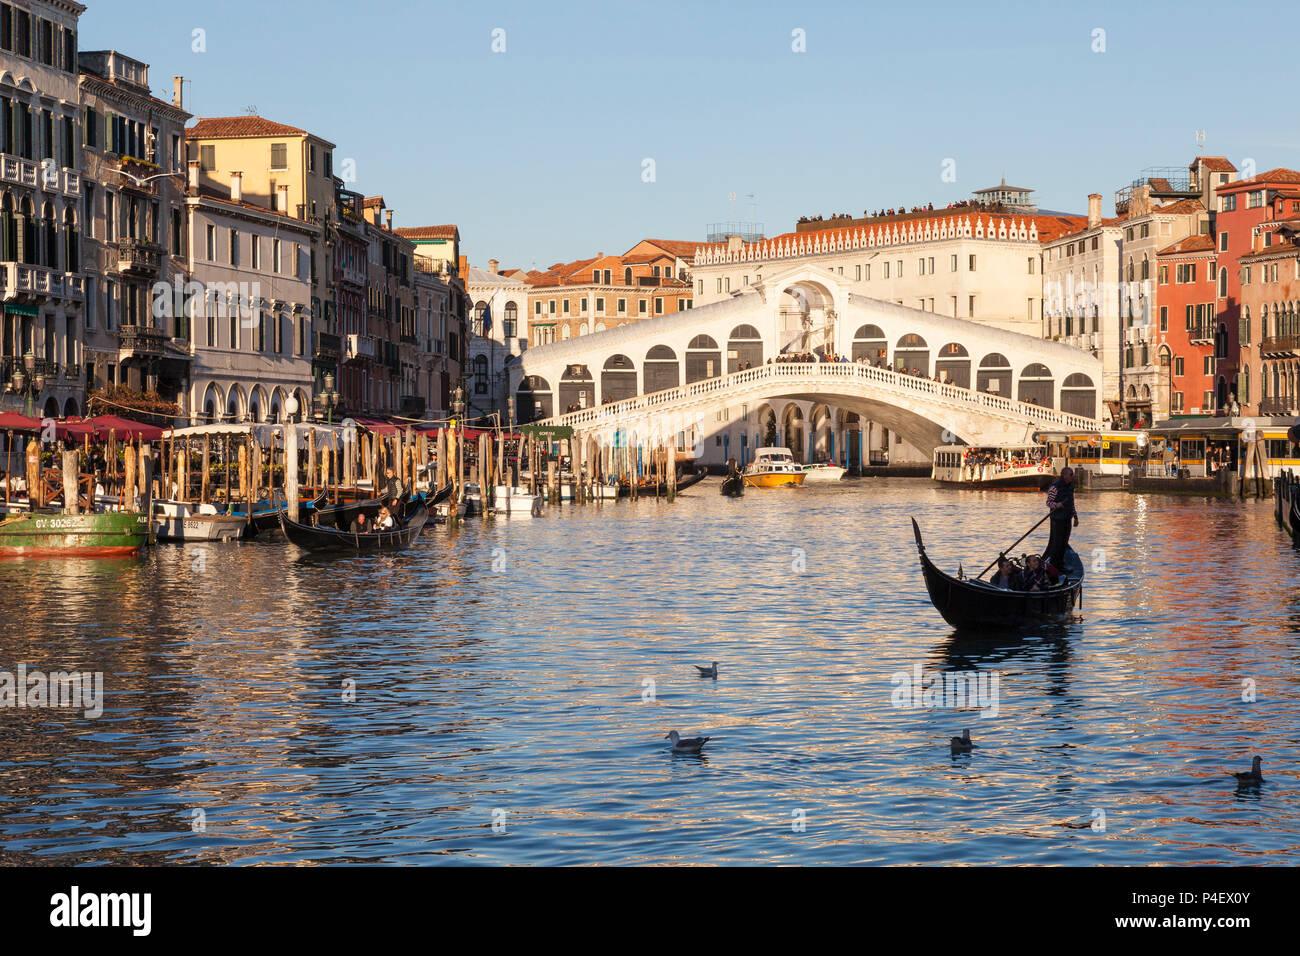 Rialto Brücke bei Sonnenuntergang mit Gondeln und Bootsverkehr, Grand Canal, Venice, Veneto Italien. Goldene Stunde, Möwen ruckartig auf dem Wasser Stockbild